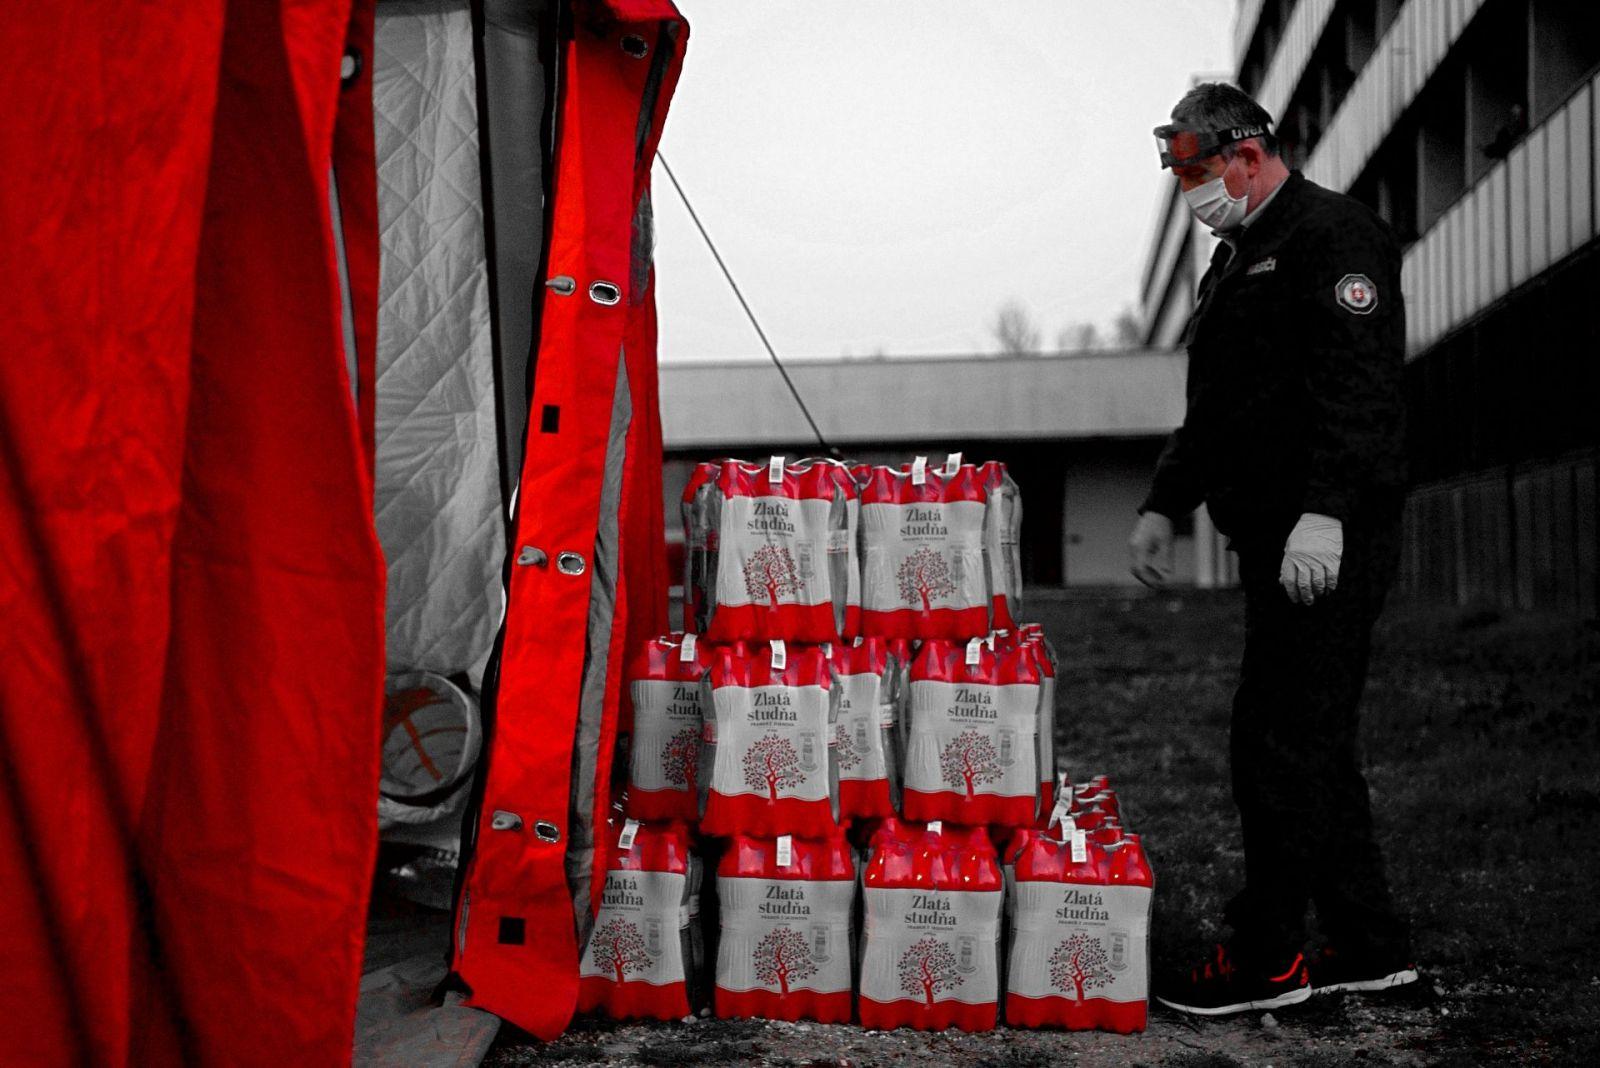 Budiš pomáha vyčerpaným z cesty na Slovensko dodržiavať pitný režim. Zásobí karanténne centrá aj hraničné priechody